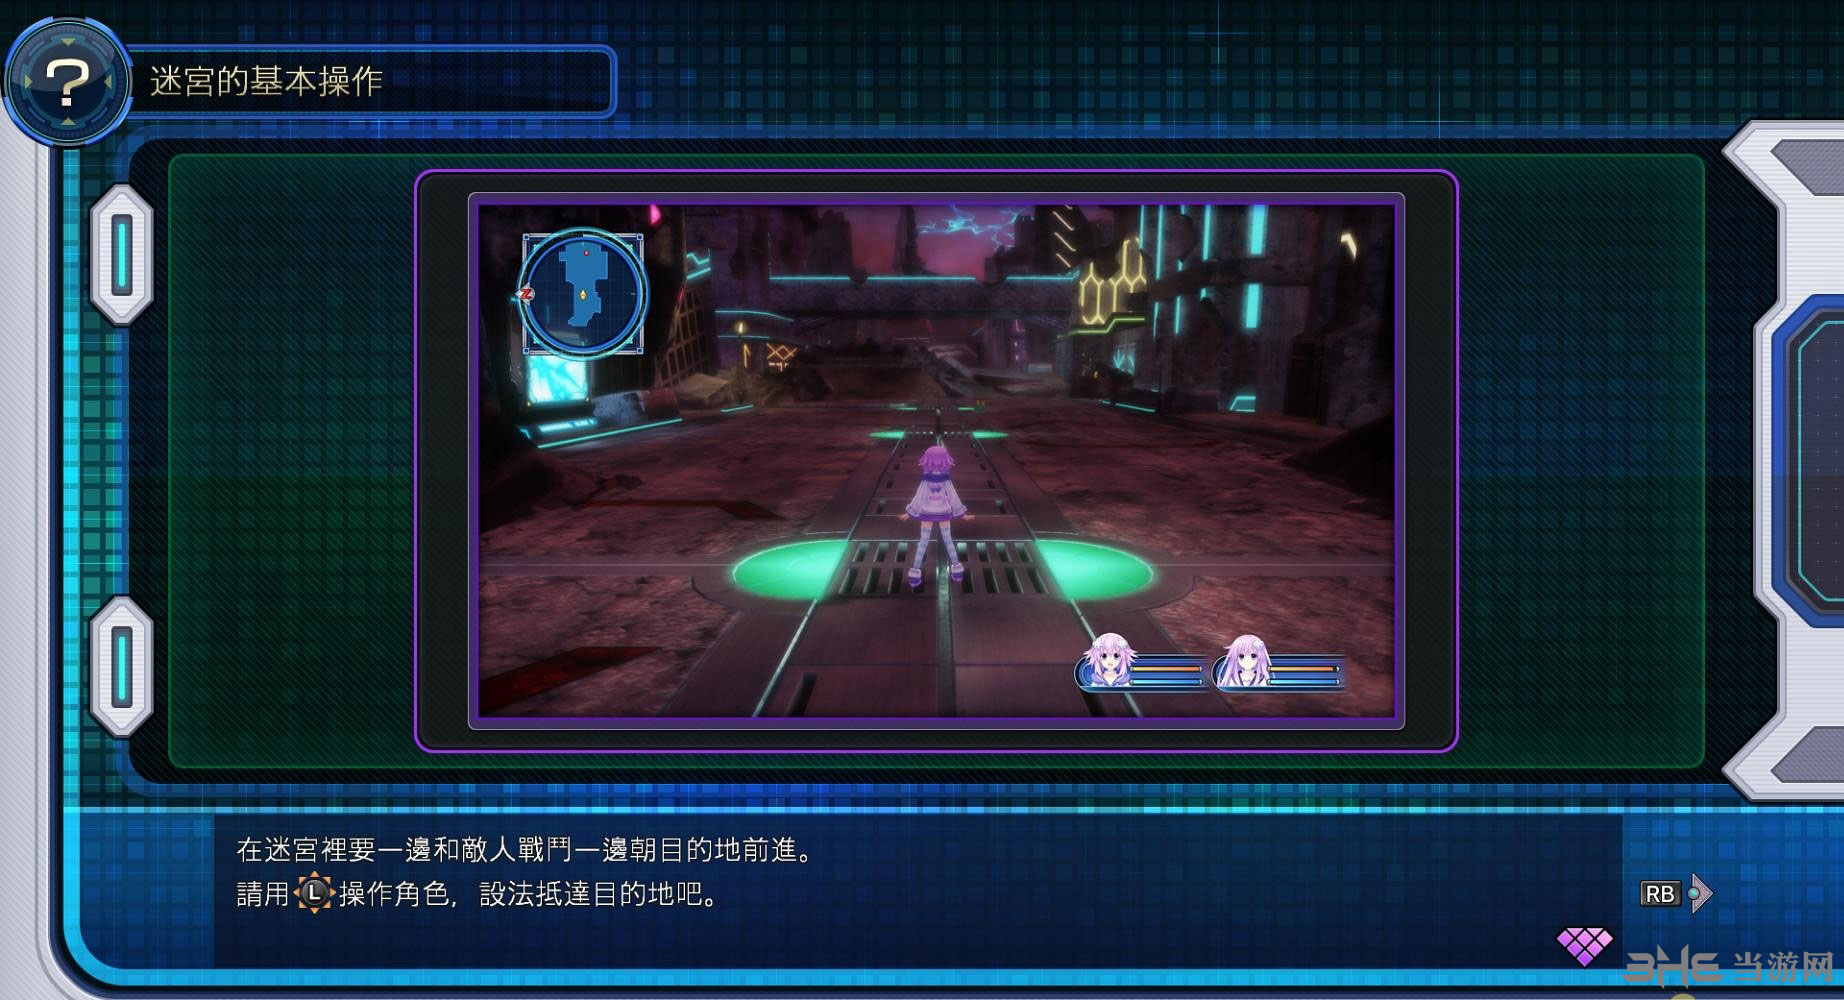 新次元游戏:海王星VII截图13